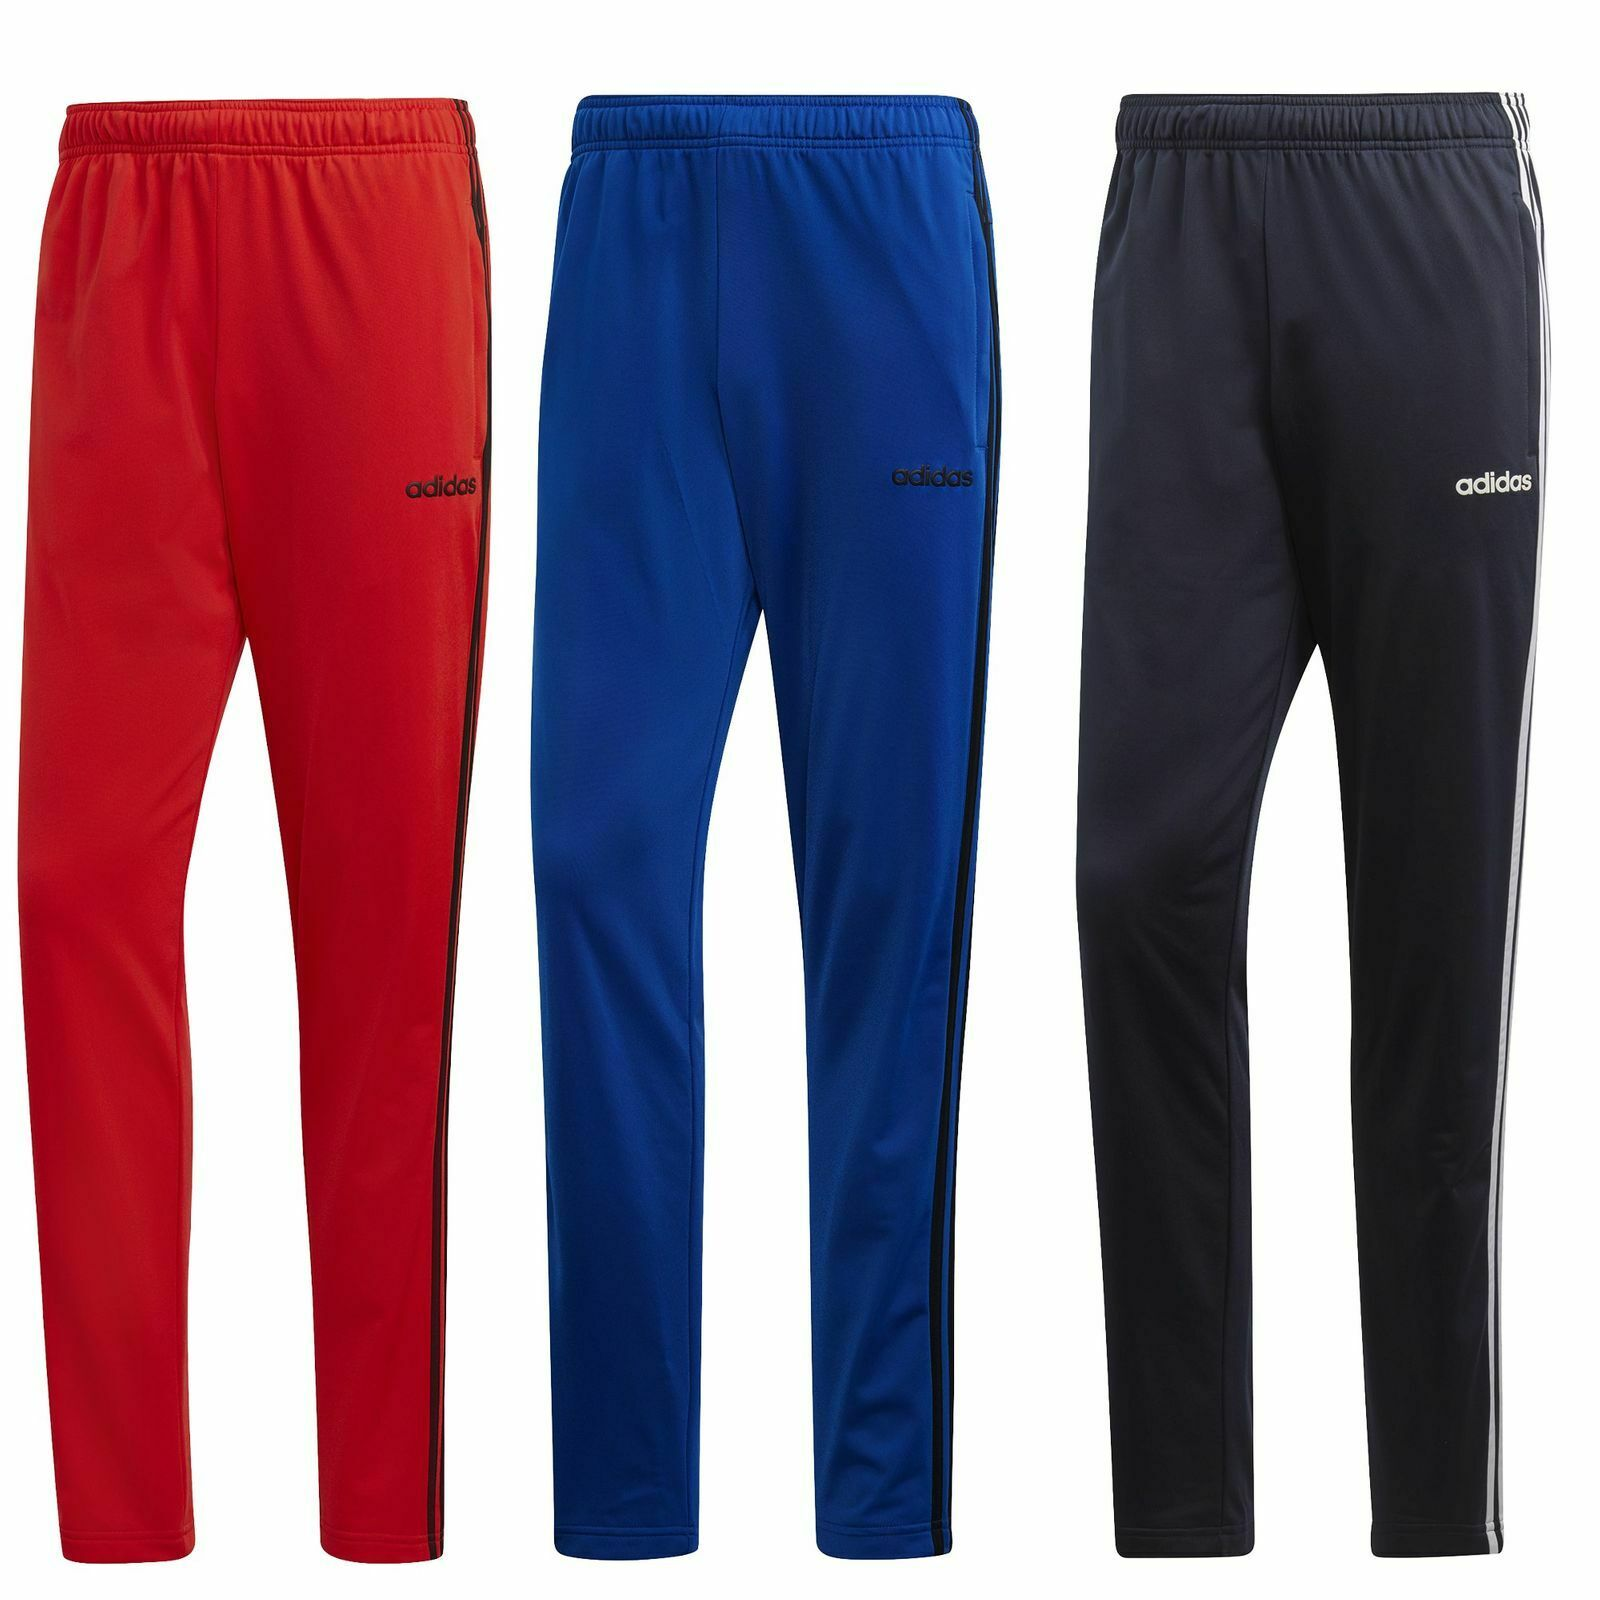 831ea485ad82c1 adidas Jogging Hose Herren 3 Streifen Sporthose Männer Trainingshose Stoff  lang